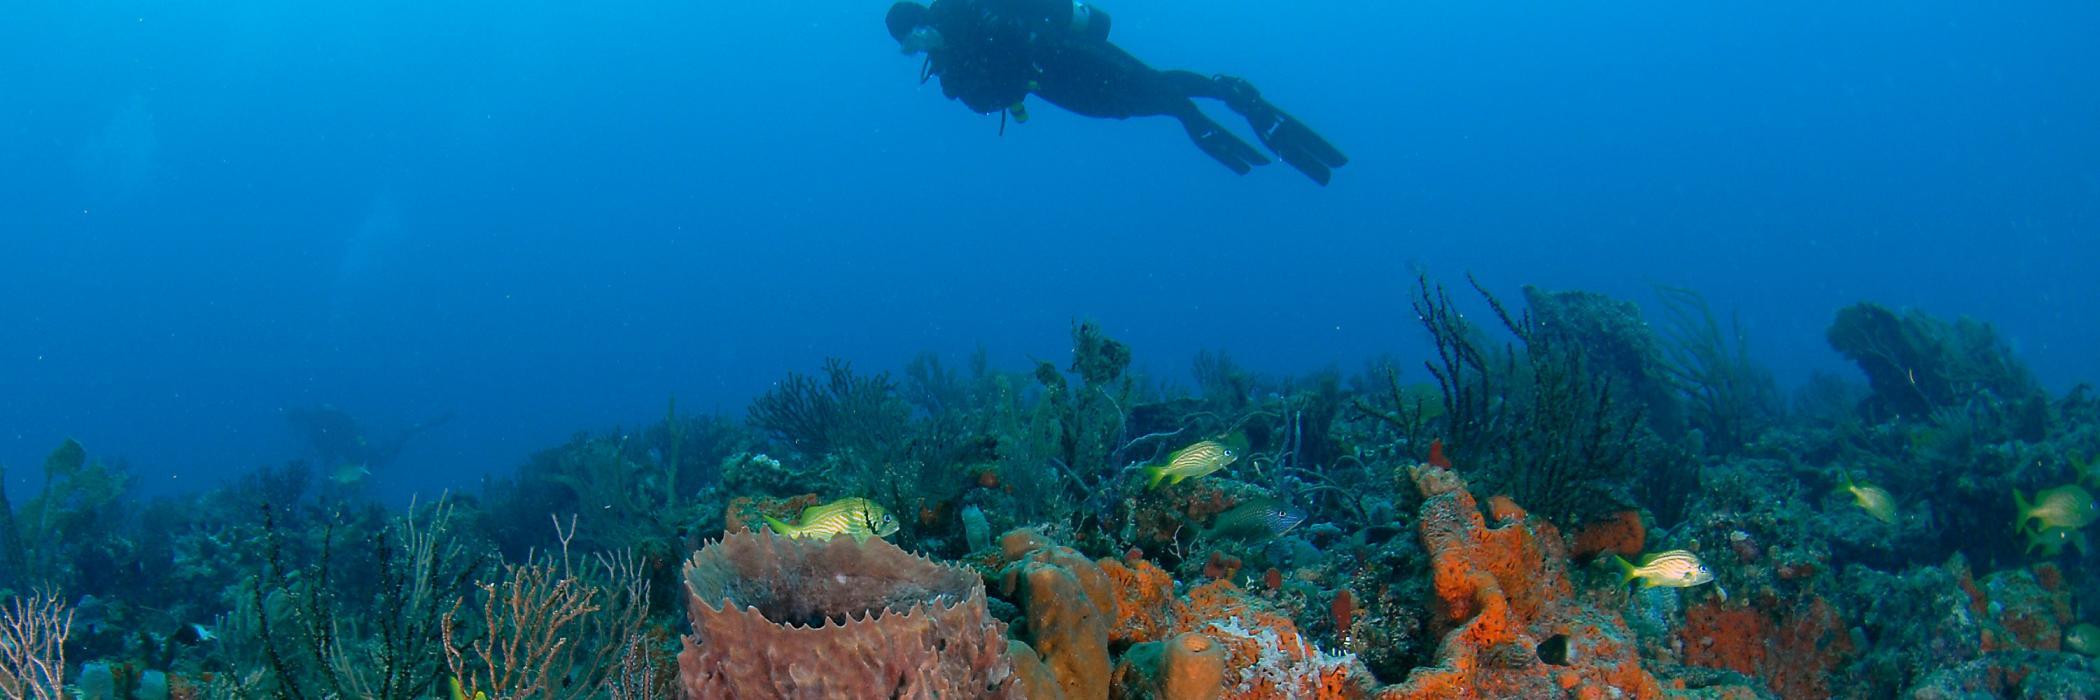 ReefDiver